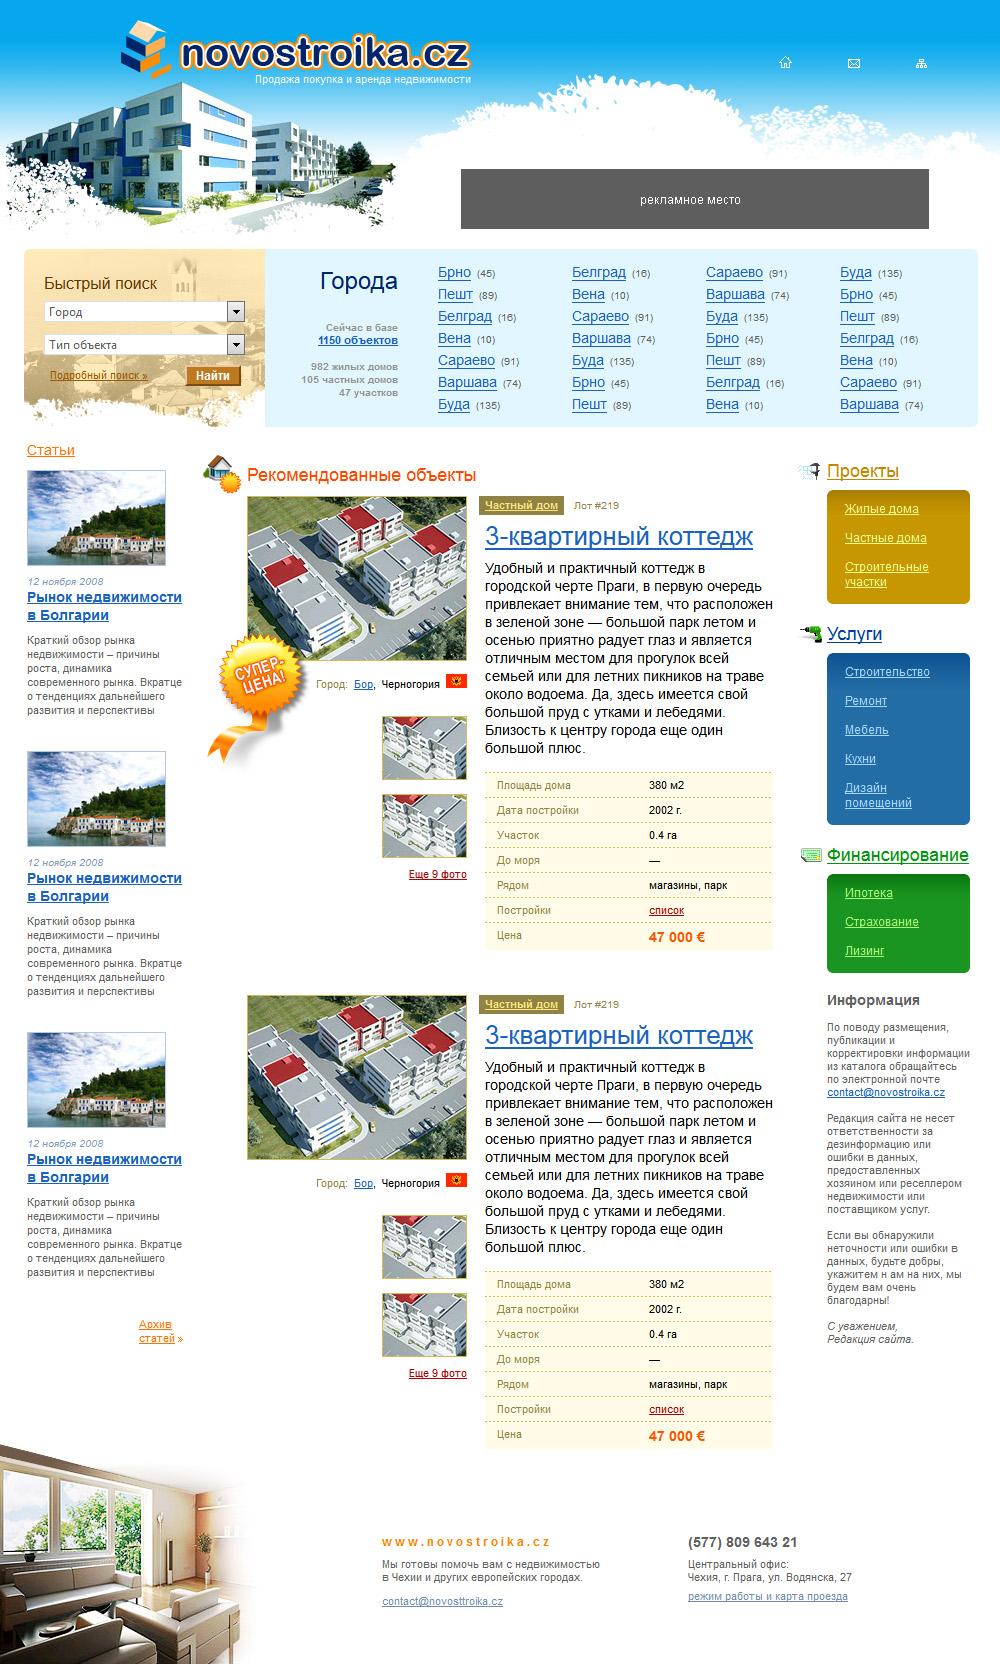 портал о недвижимости Novostroika